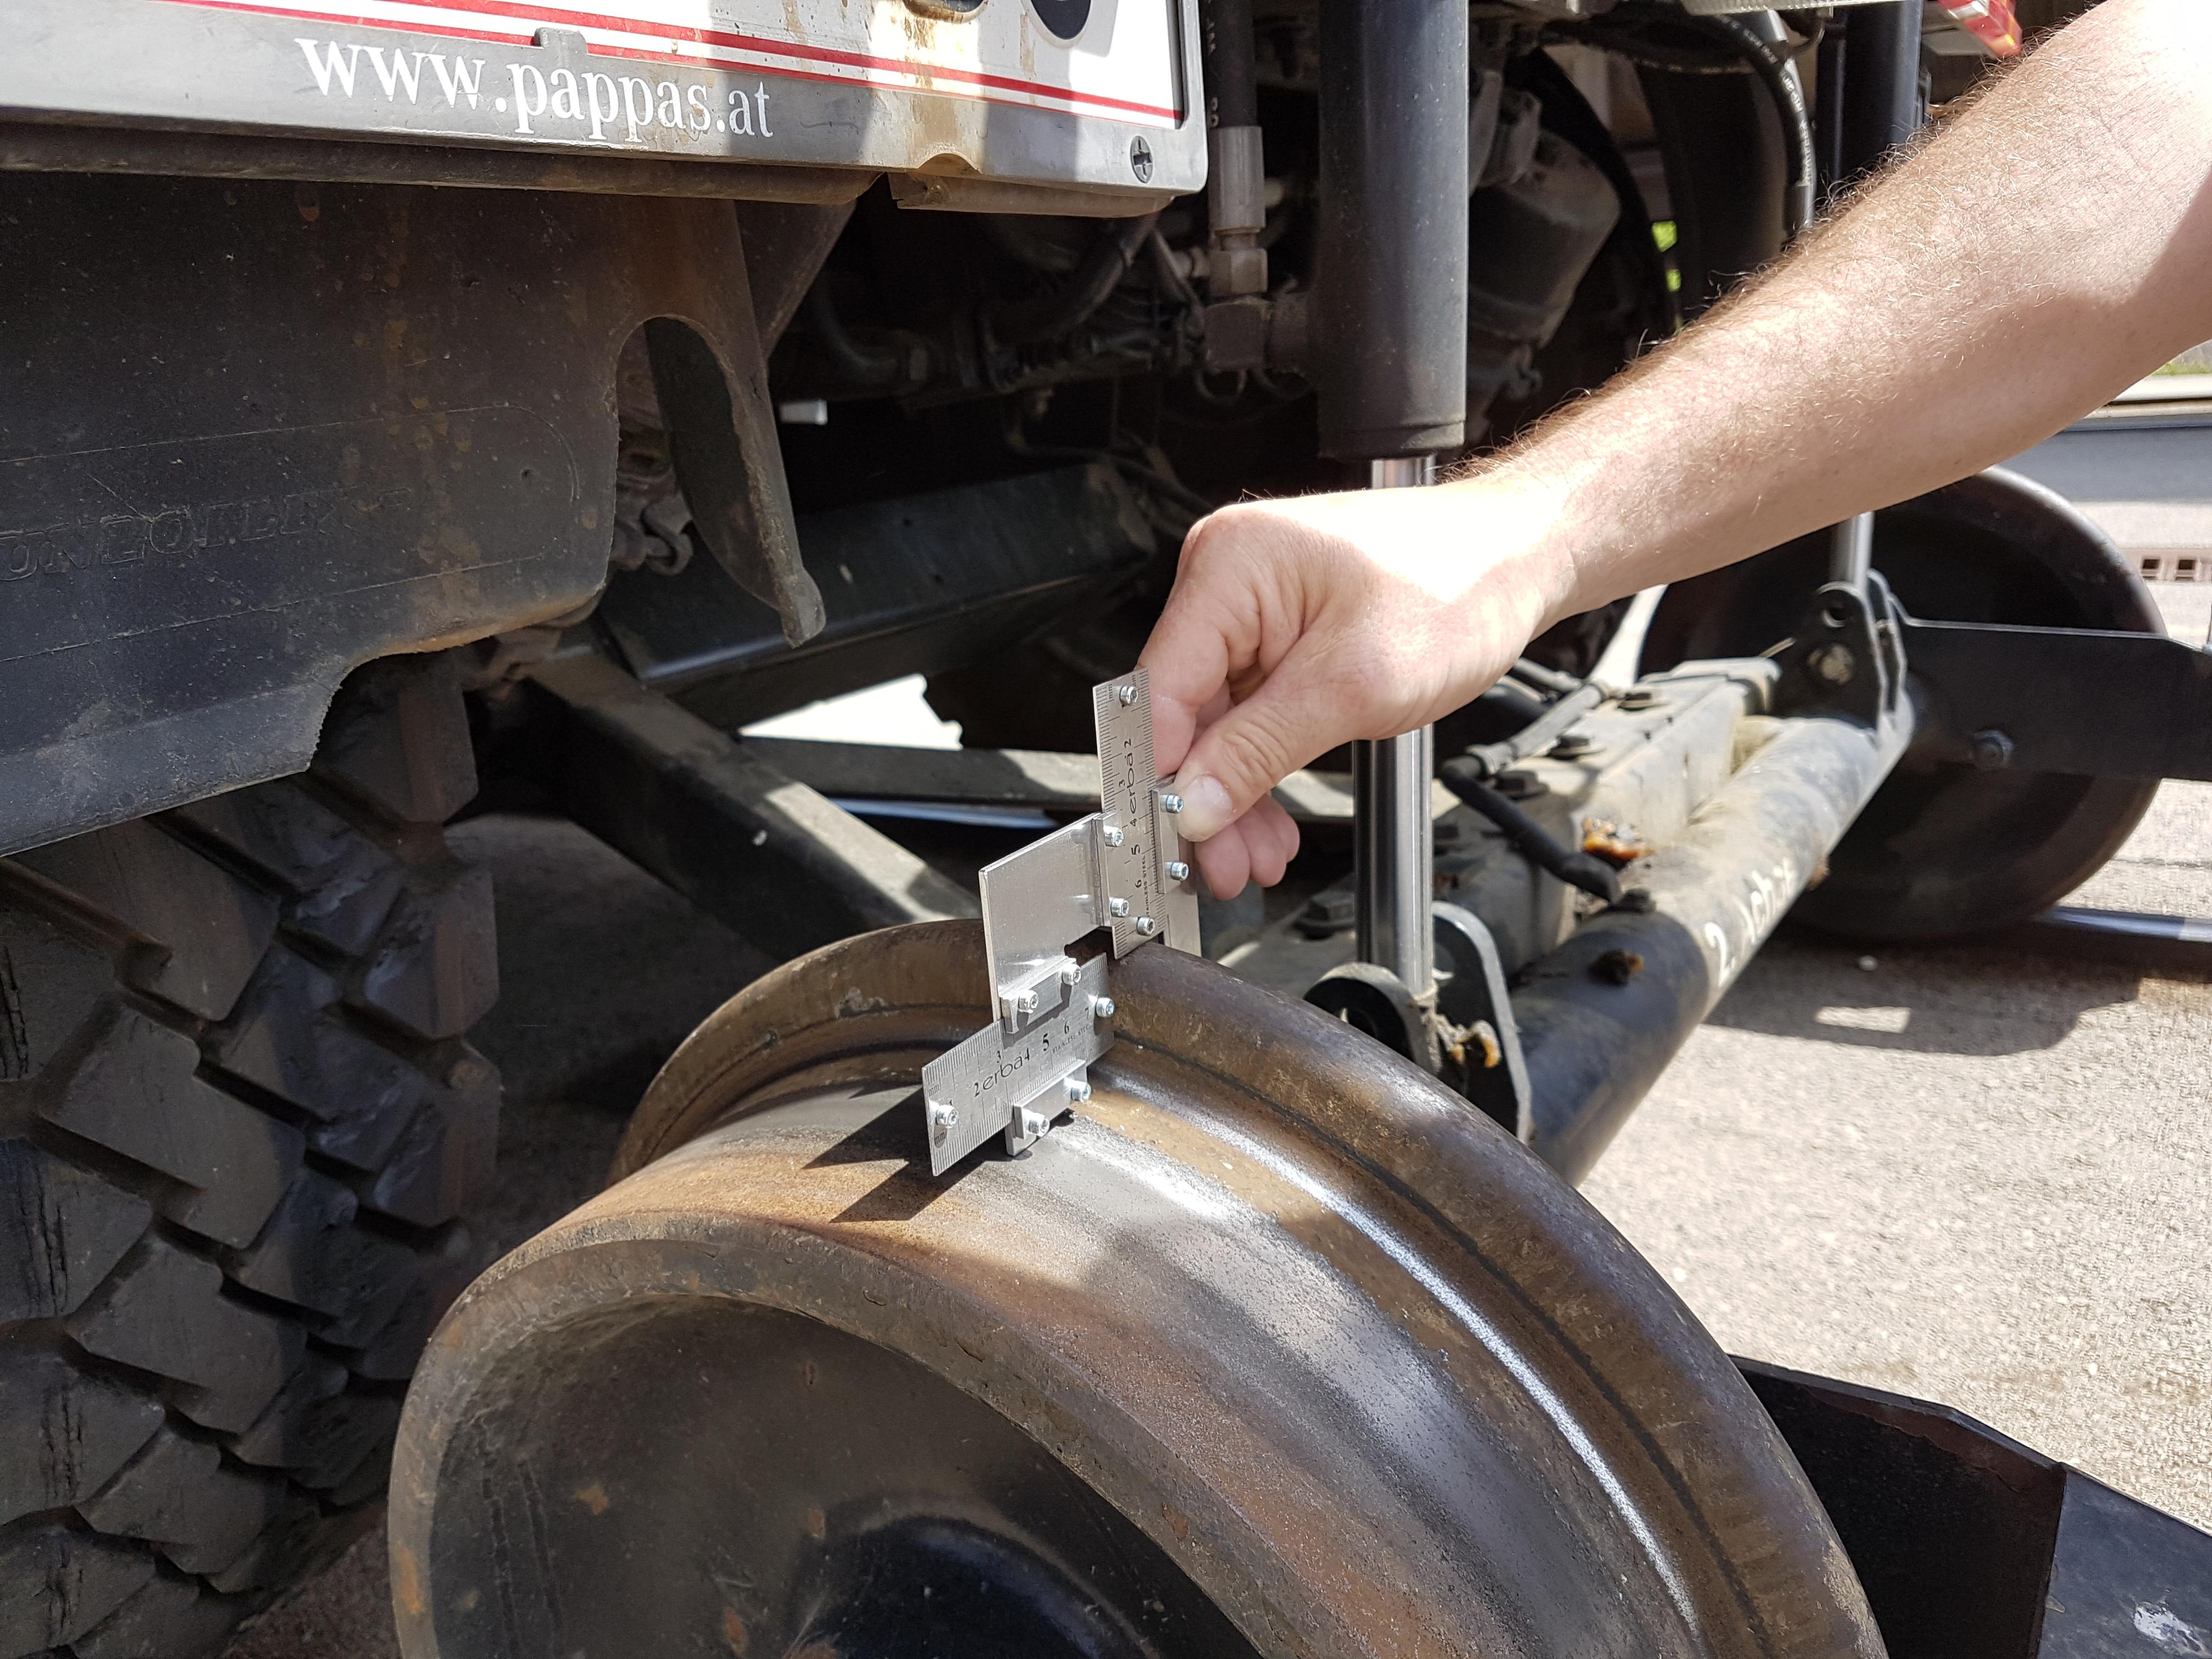 Profilprüfung  Schienenfahrwerk